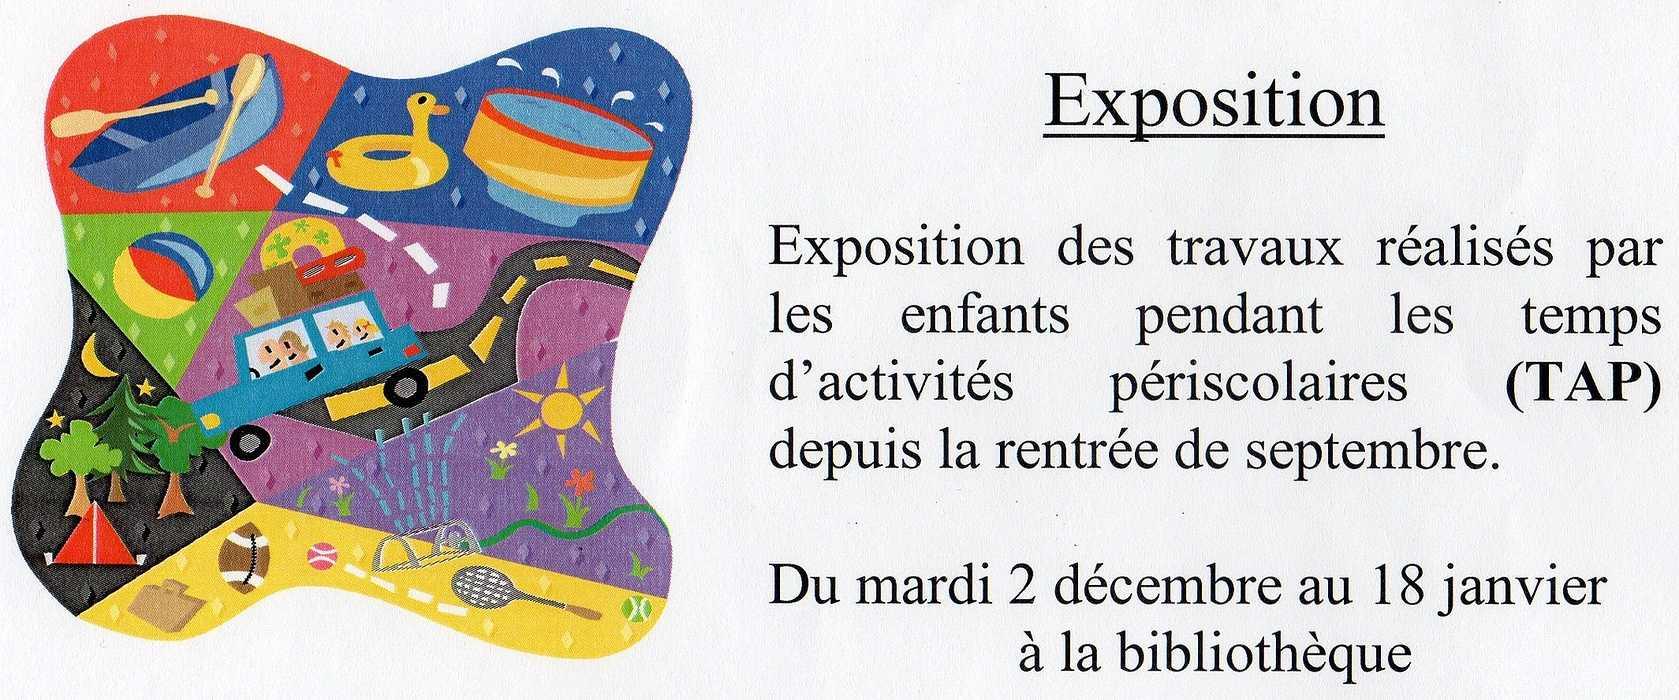 Exposition à la bibliothèque du 2.12 au 18.01.15 0